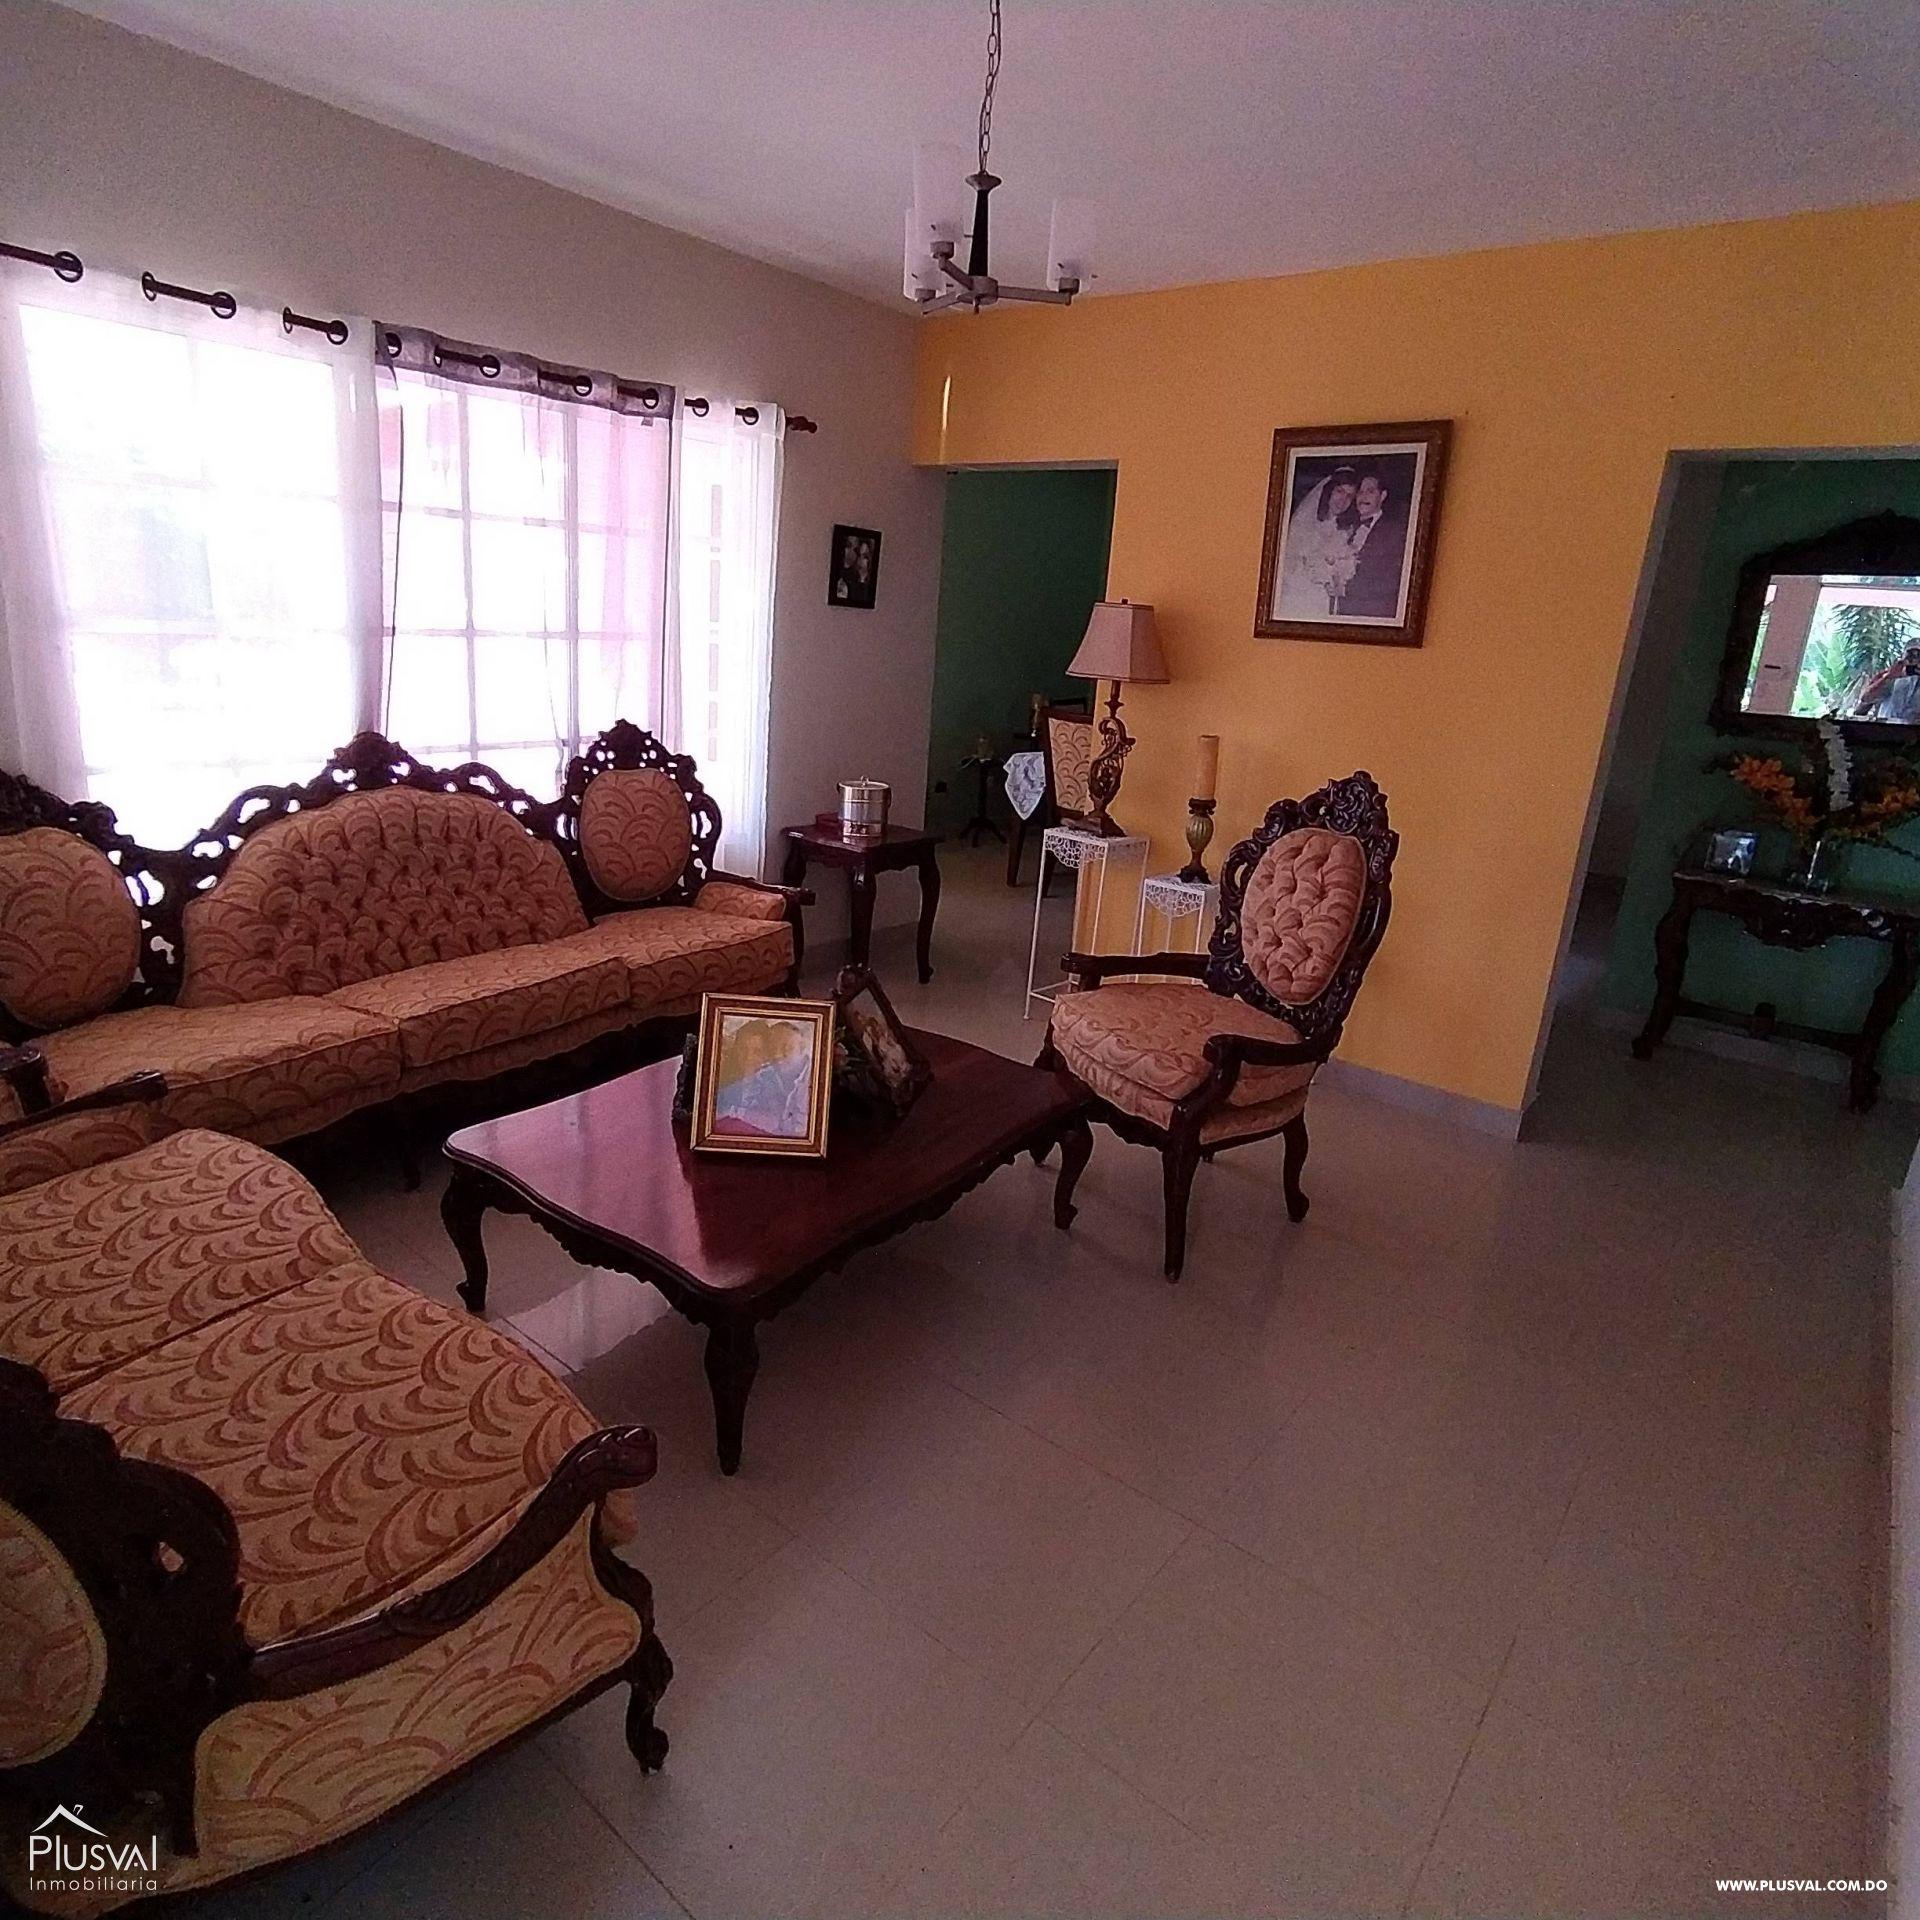 Residencia privada para el disfrute familiar 171859